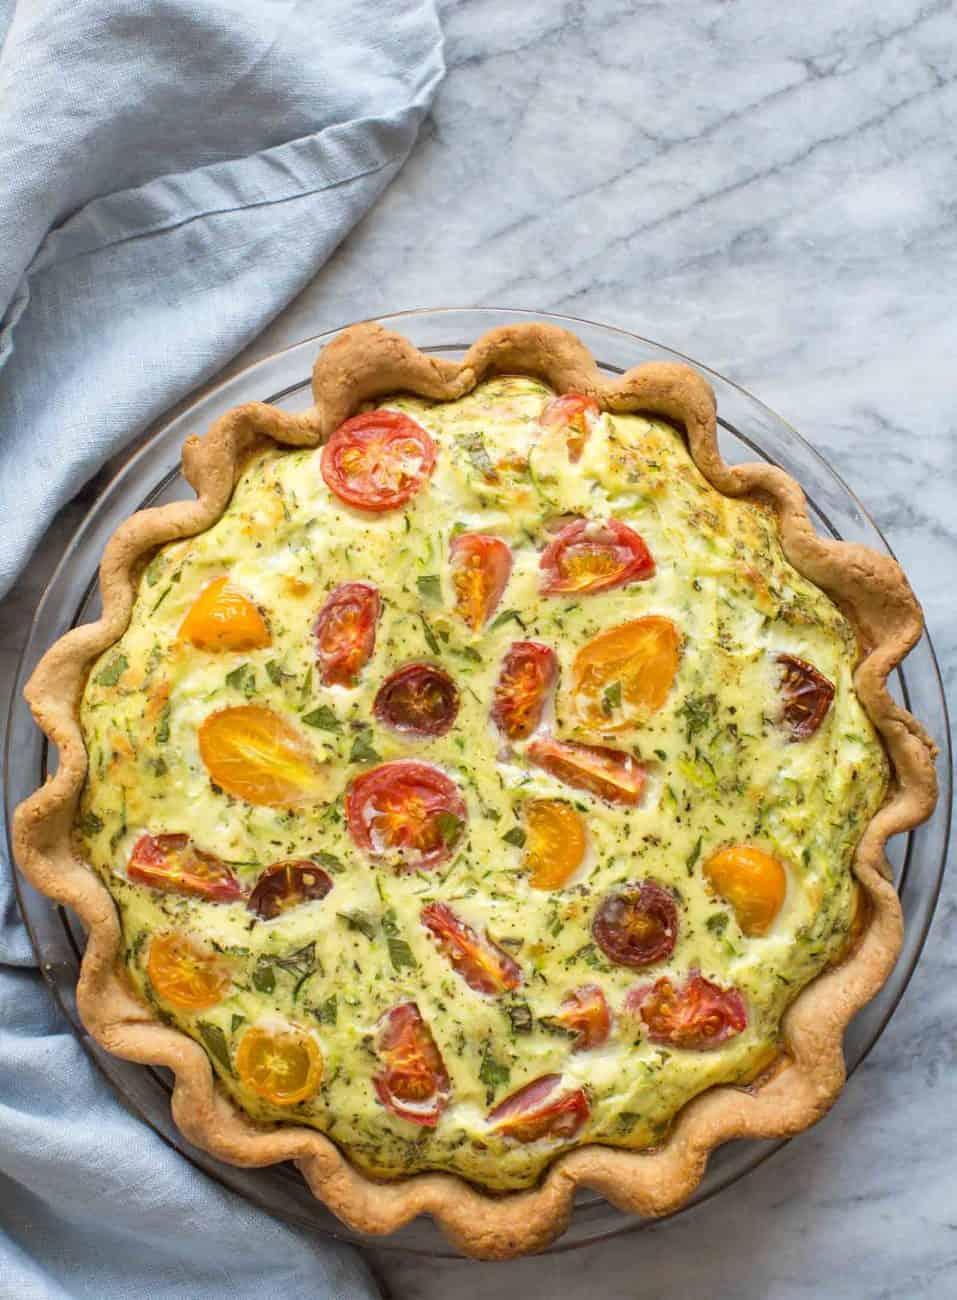 Sommerliche Gemüsequiche mit Zucchini und Tomaten. Einfach fantastisch!